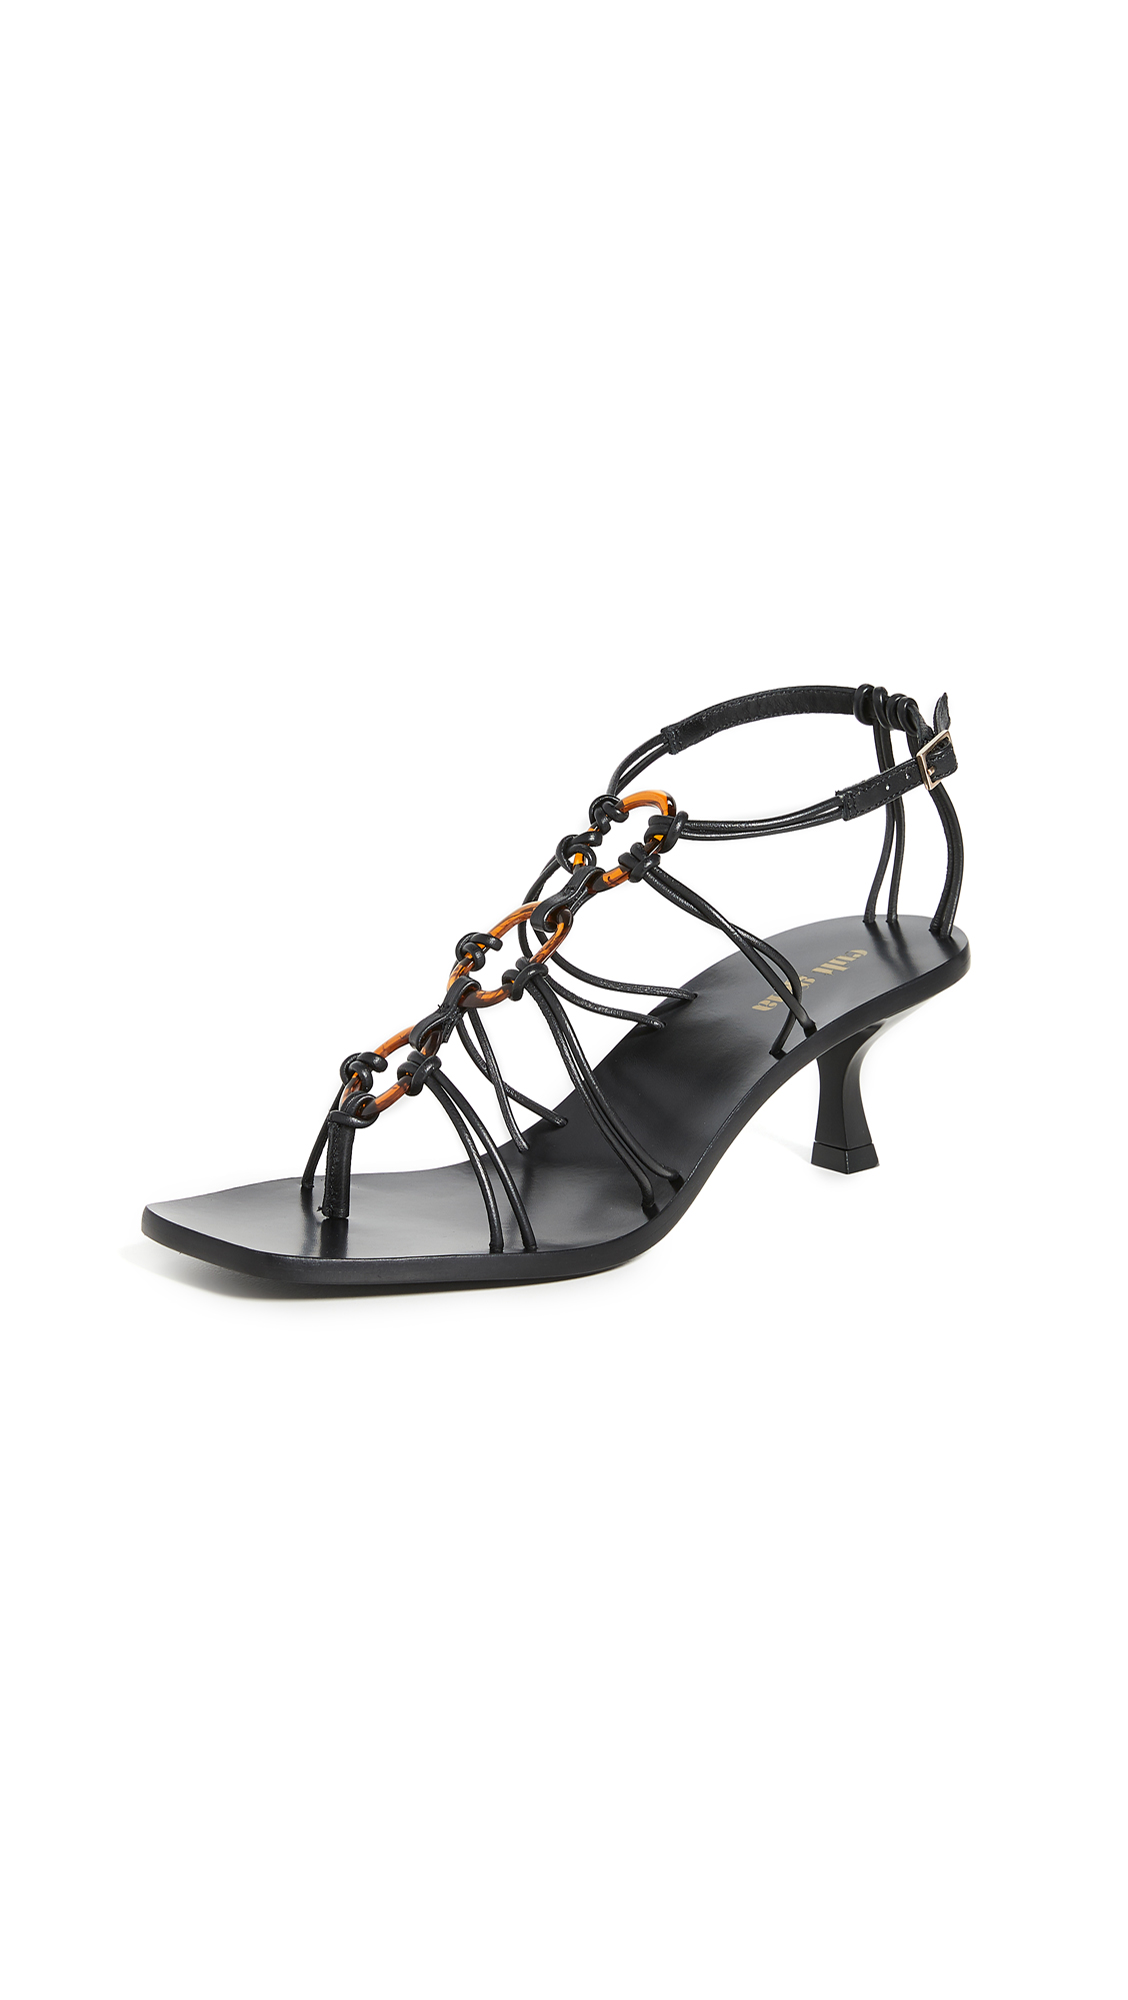 Buy Cult Gaia Ziba Sandals online, shop Cult Gaia